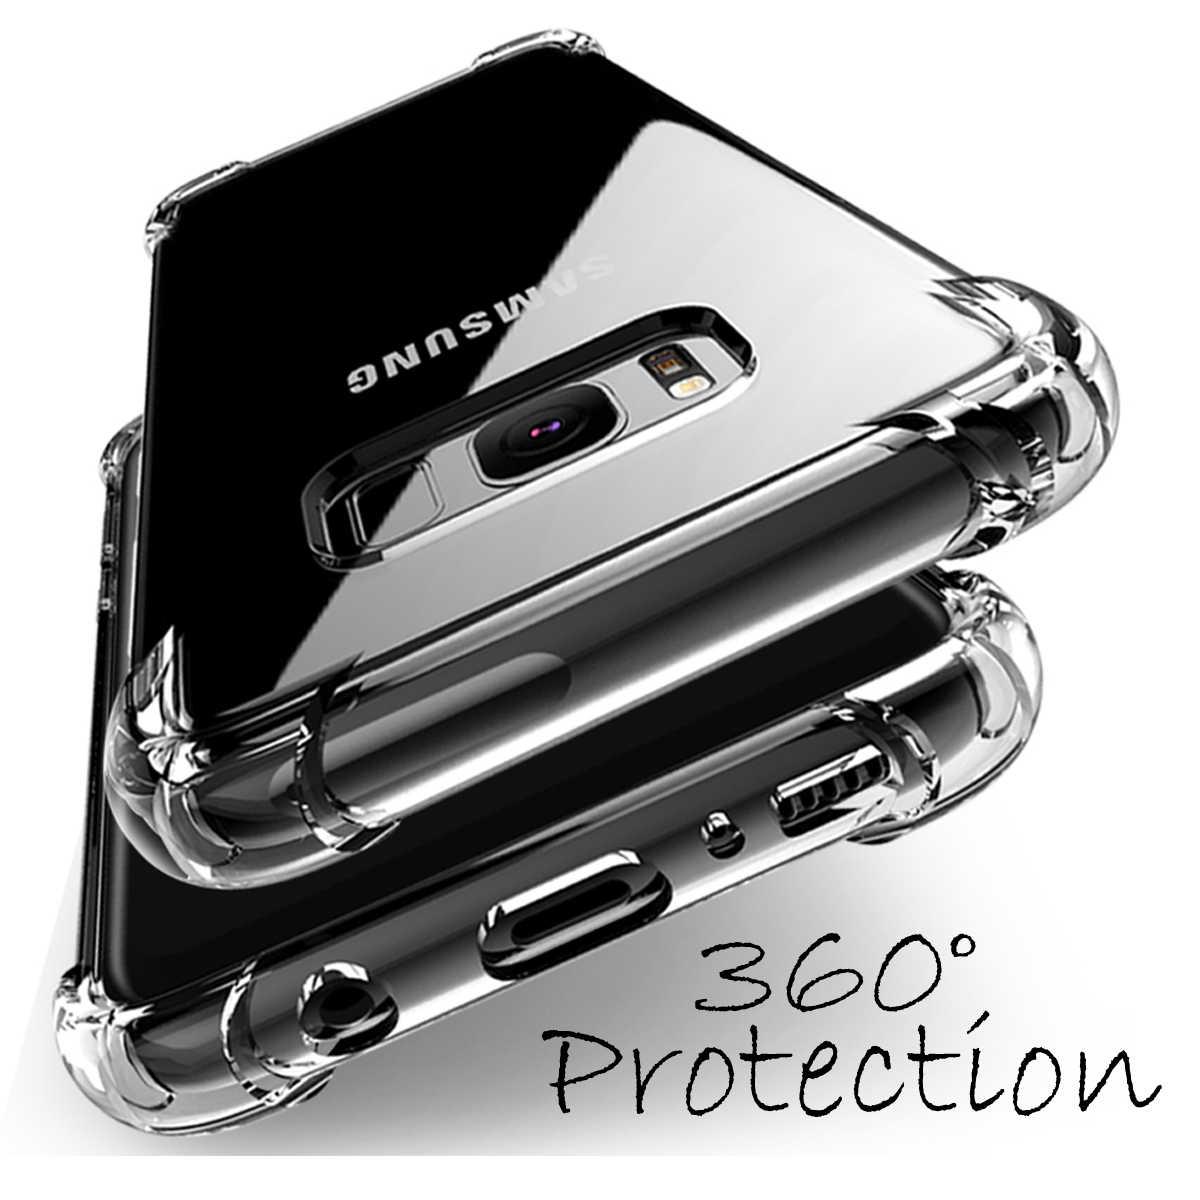 Dành cho Samsung Galaxy Samsung Galaxy J2core/J260 J4 J6 J8 A6 2018 S9 S8 S7 S6 Edge Note 8 J7 J5 thủ A720 A520 Trong Suốt Mềm LIỆU Ốp Lưng